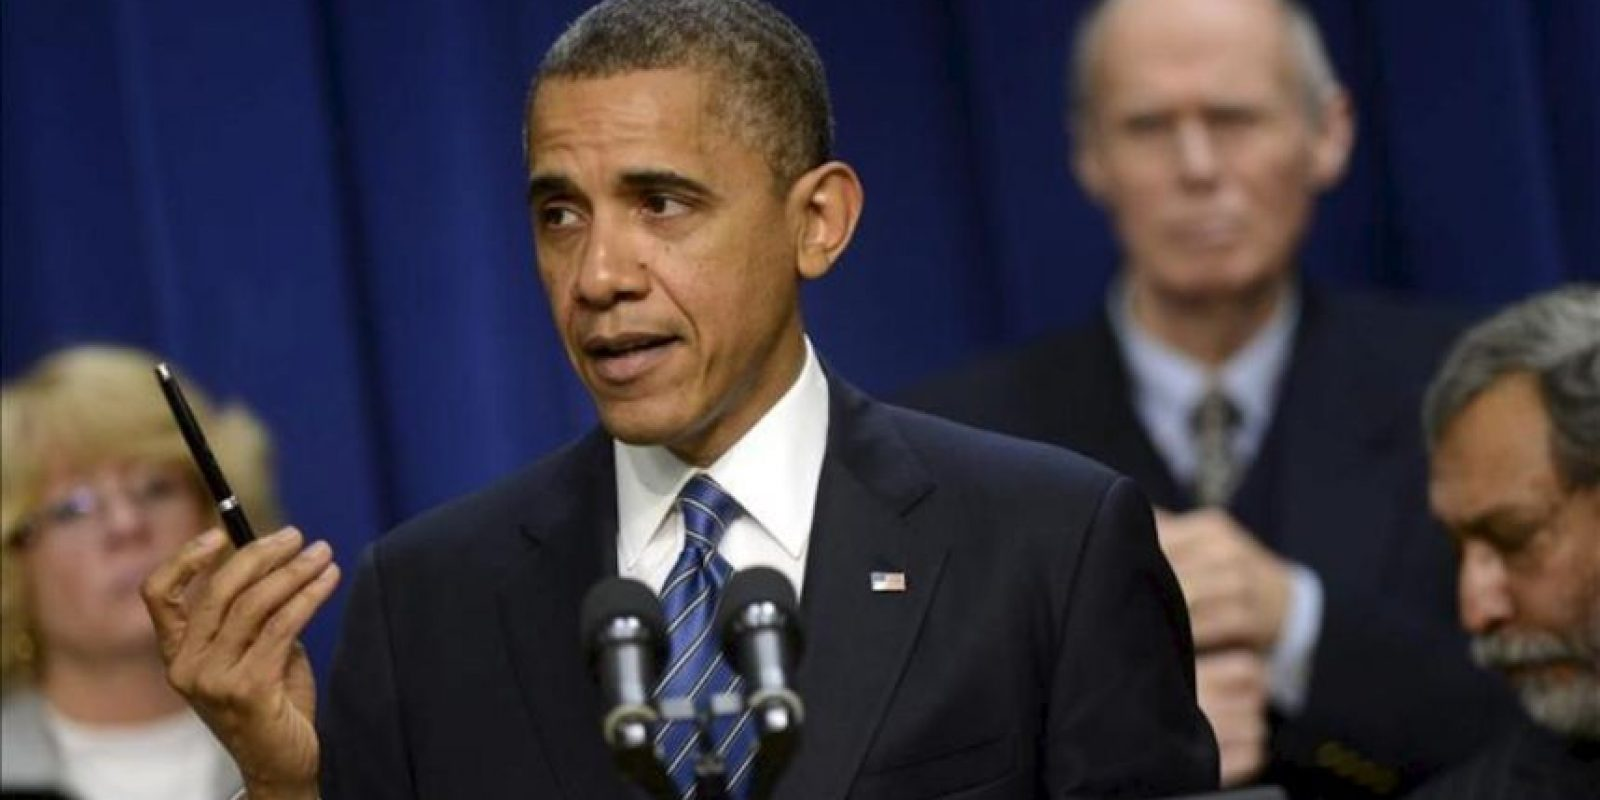 """El presidente estadounidense, Barack Obama (c), pronuncia un discurso, en Washington (EE.UU.), donde pidió a todos los ciudadanos que presionen al Congreso para forzar un acuerdo bipartidista que impida al país caer en el llamado """"precipicio fiscal"""". EFE"""